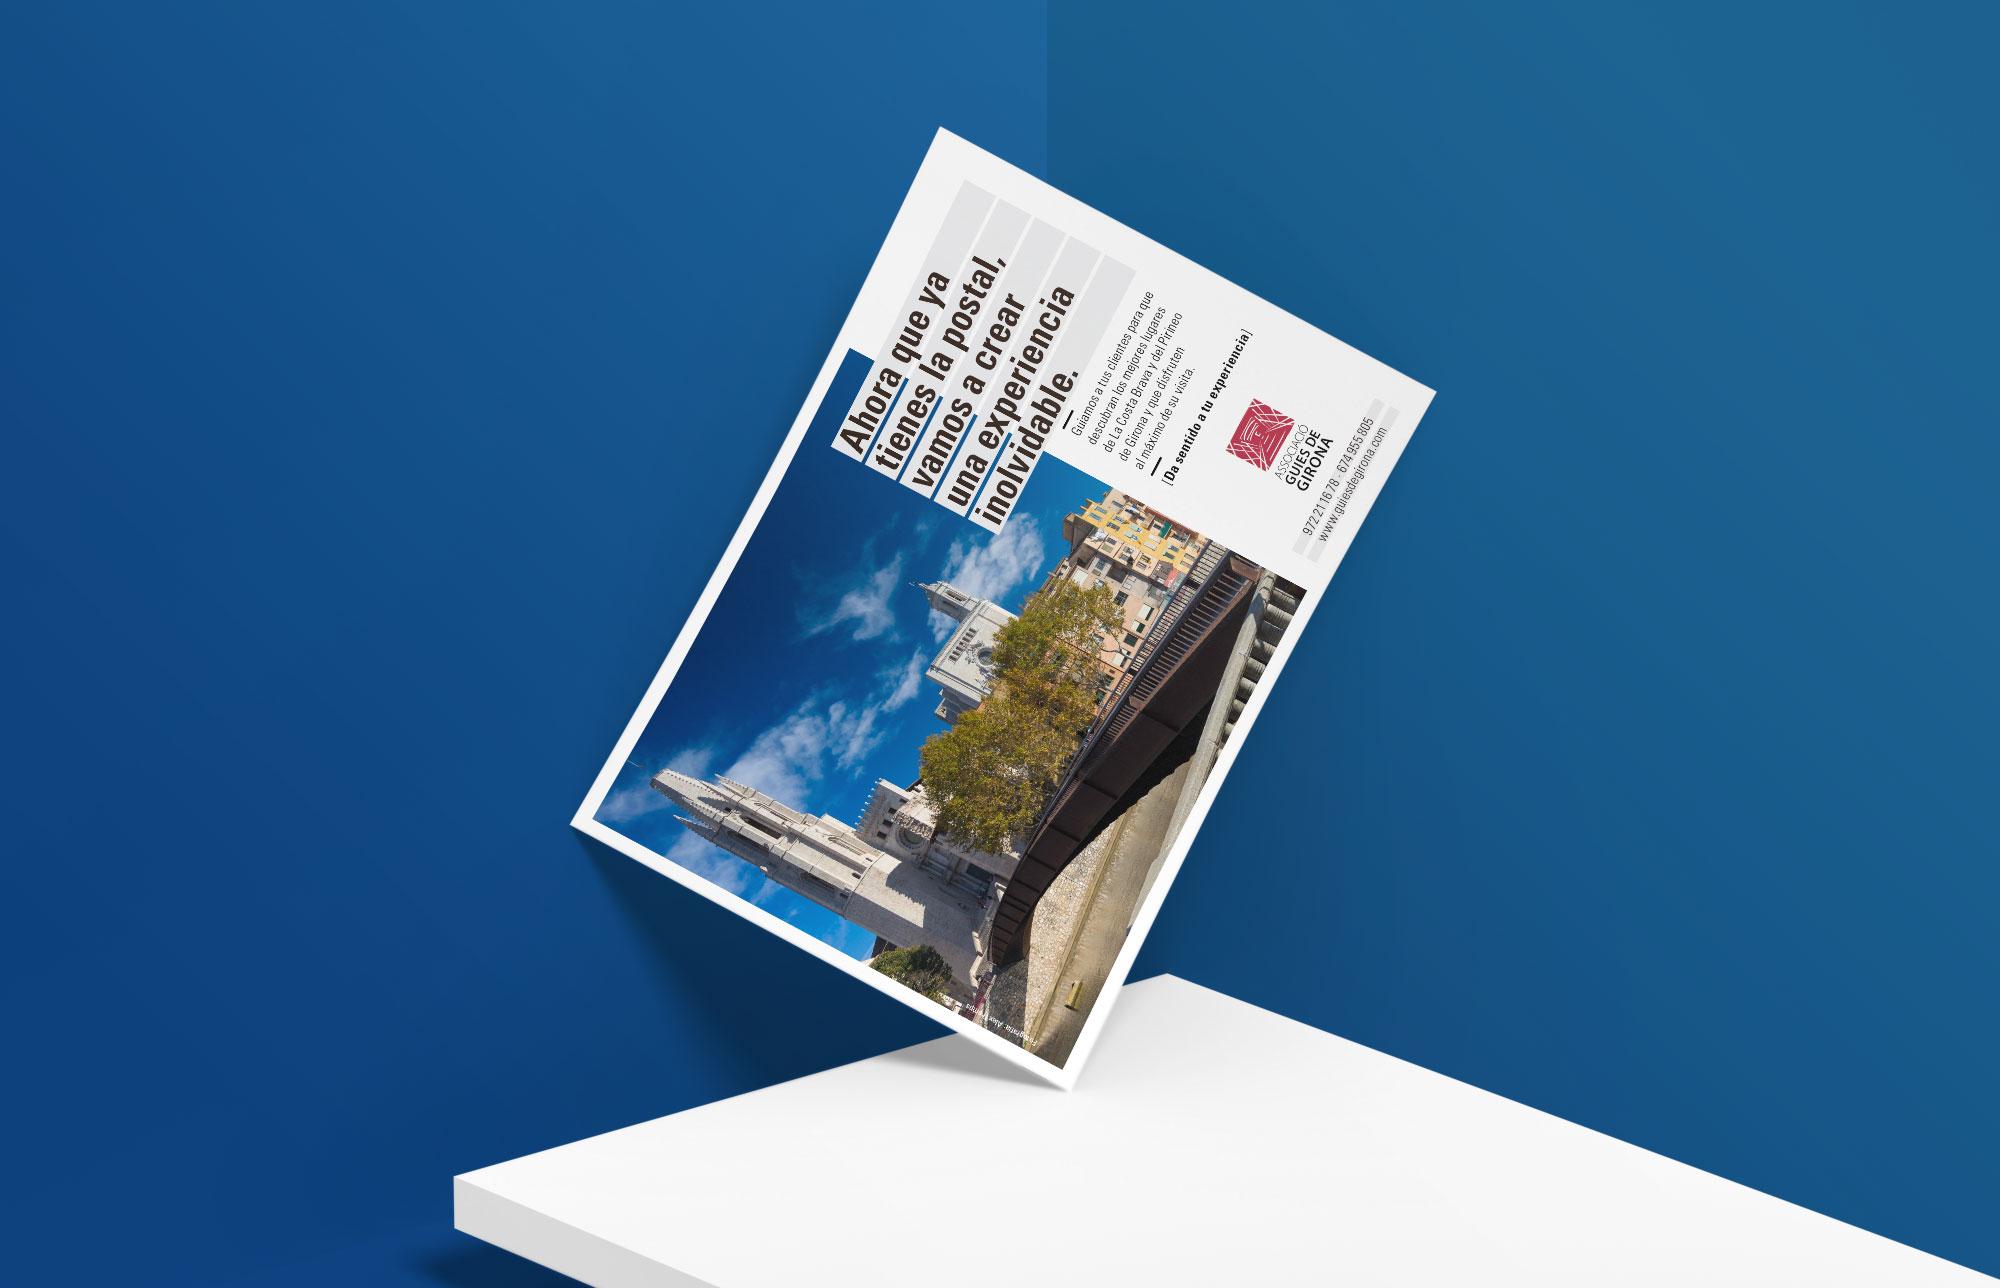 Associació de Guies de Girona. Flyer-postal de promoció turística. En castellà.